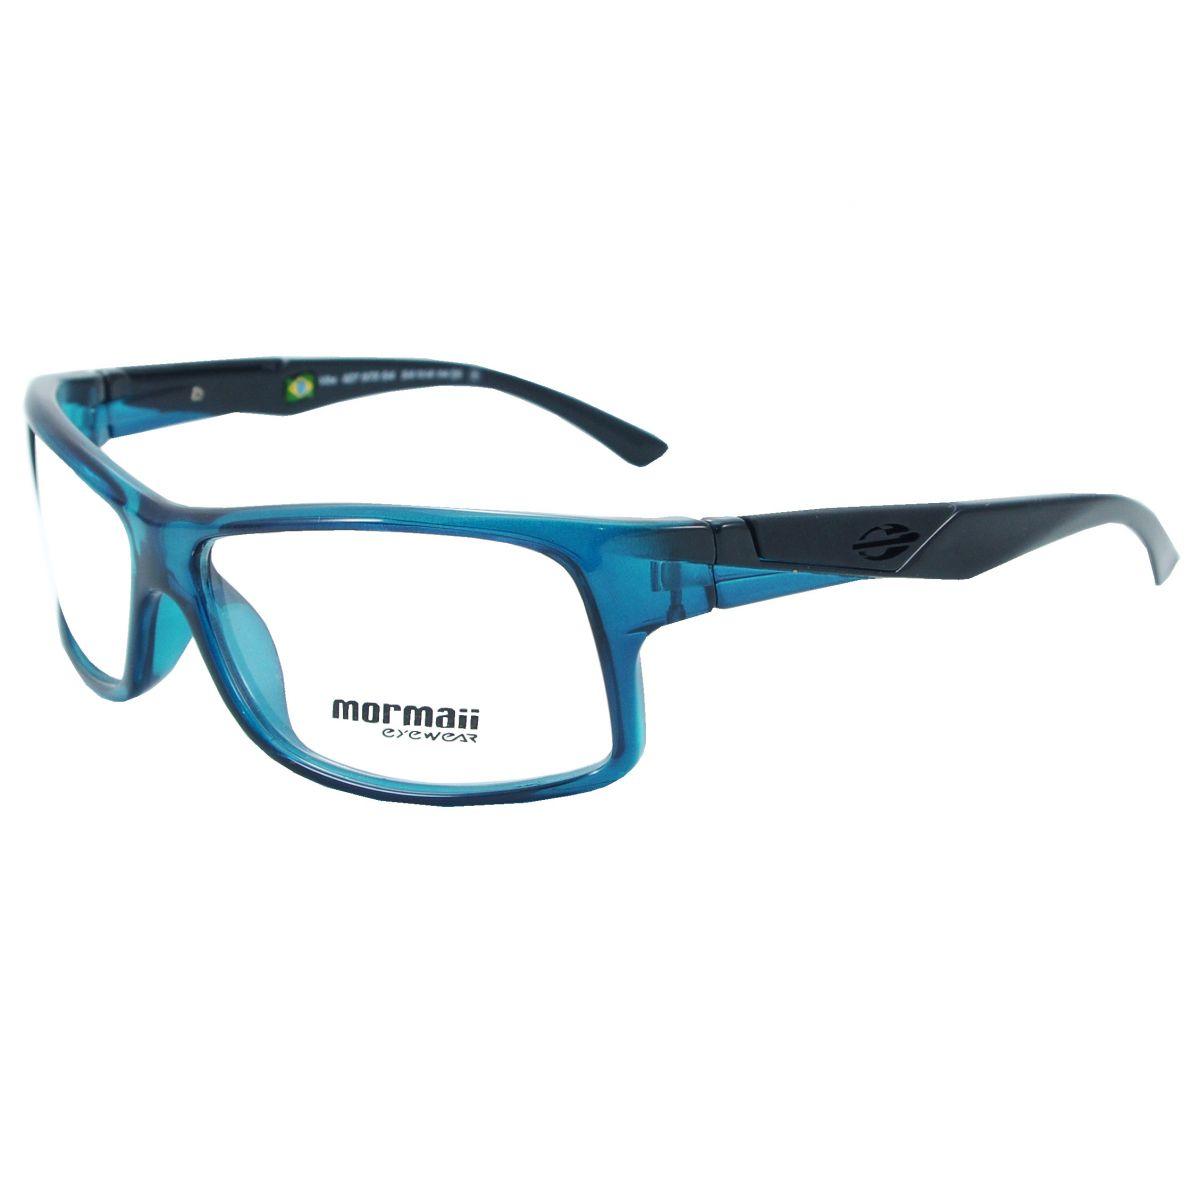 Oculos Masculino De Grau   City of Kenmore, Washington a9b78e09d7